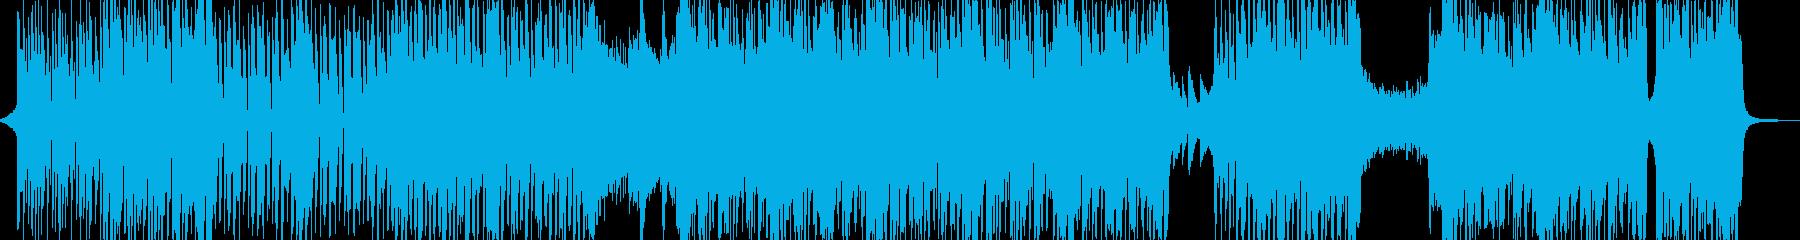 明るくカラフル☆ハッピーチューン 短尺★の再生済みの波形